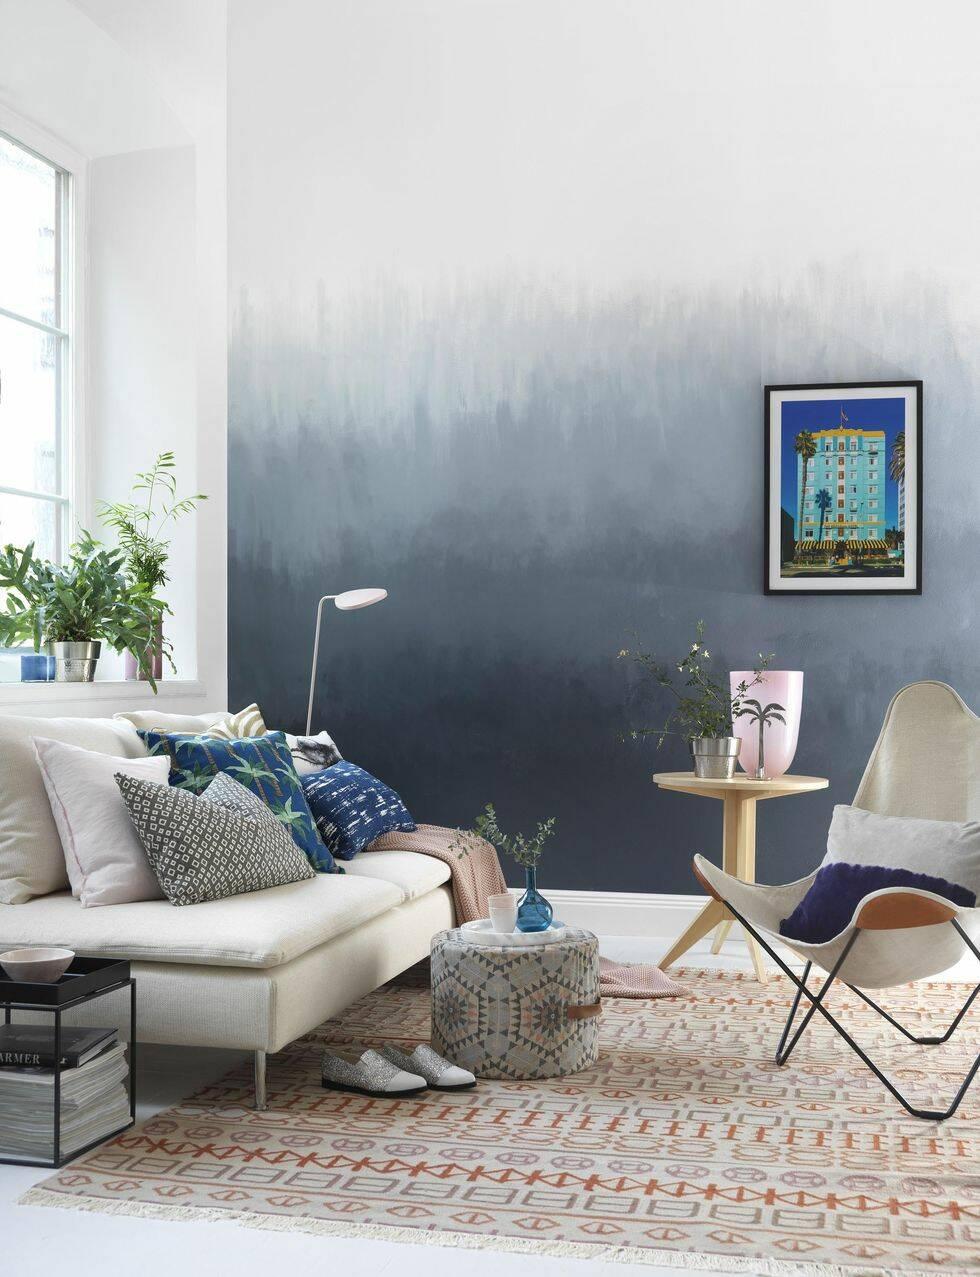 Fixa trendiga ombreväggen själv – 3 enkla steg